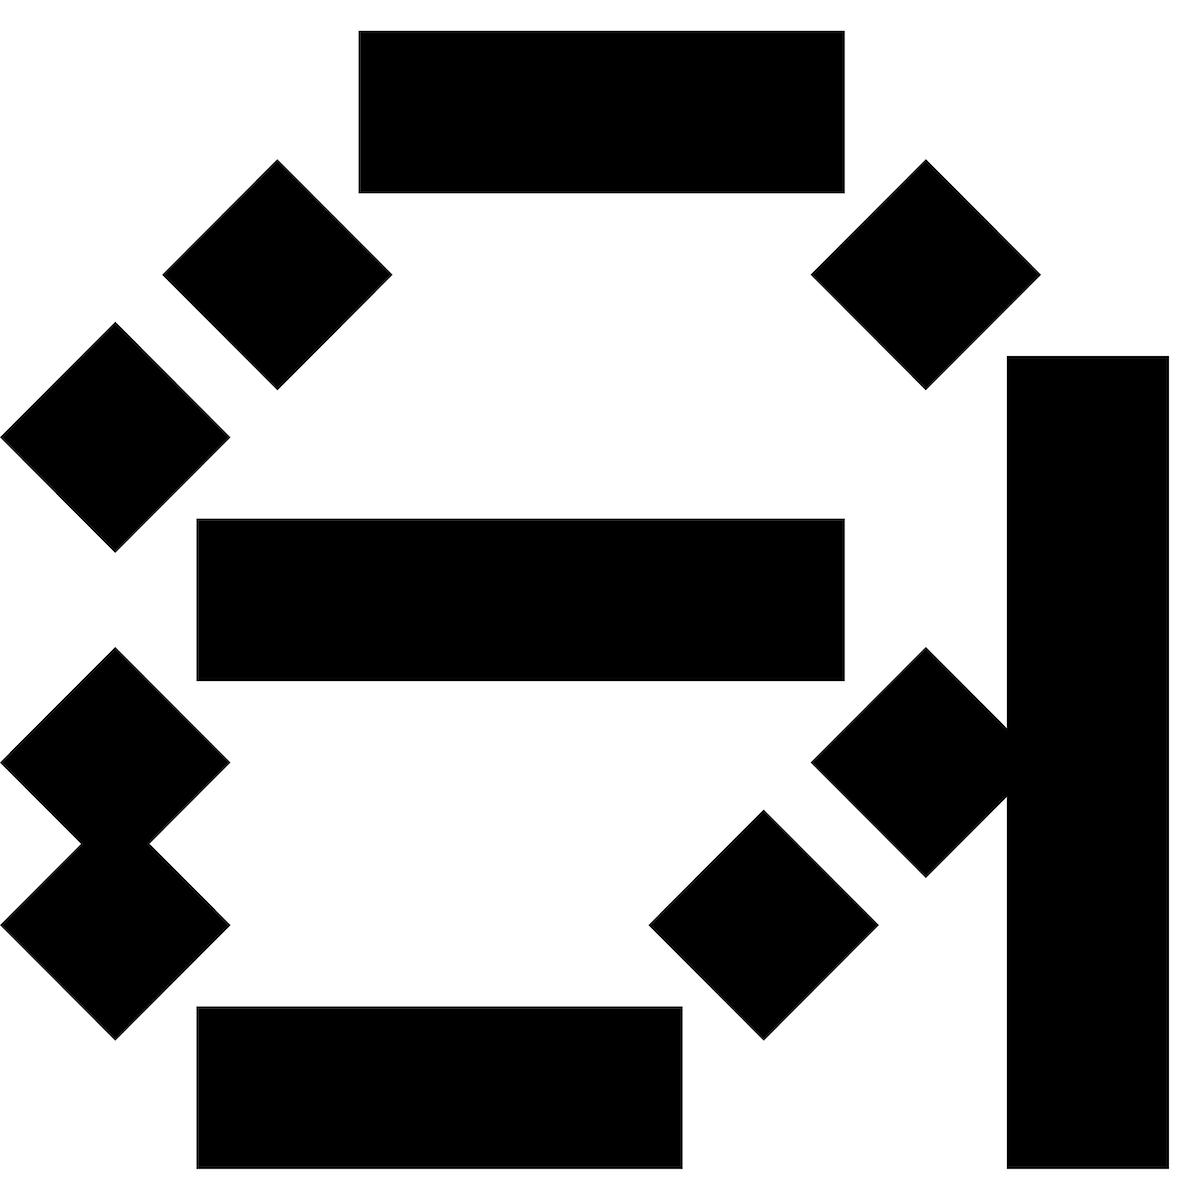 Analo Grotesk pixel font 'a'